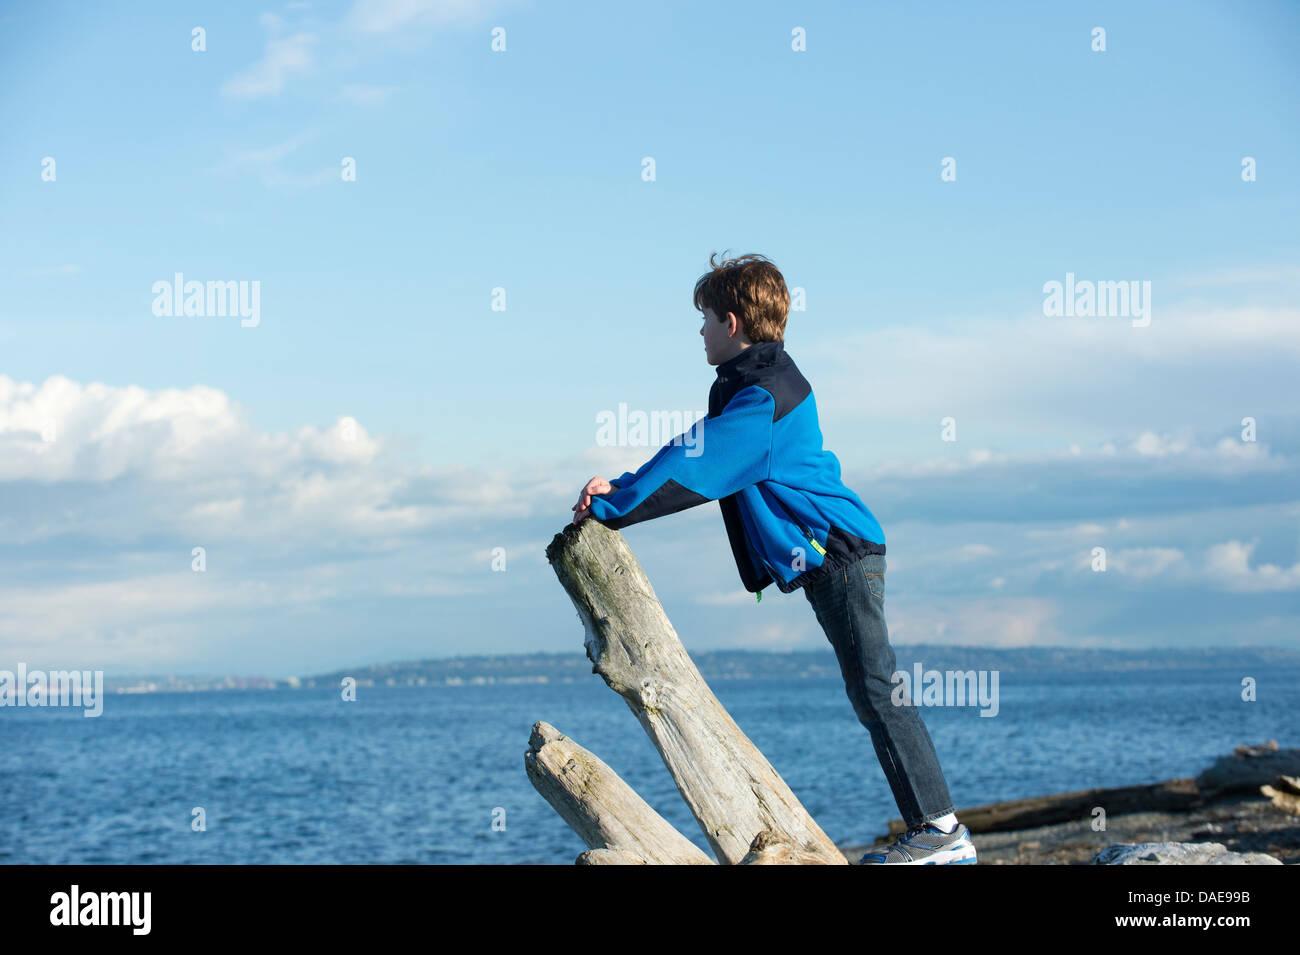 Kleiner Junge mit Blick vom Bainbridge Island, Washington State, USA Stockbild